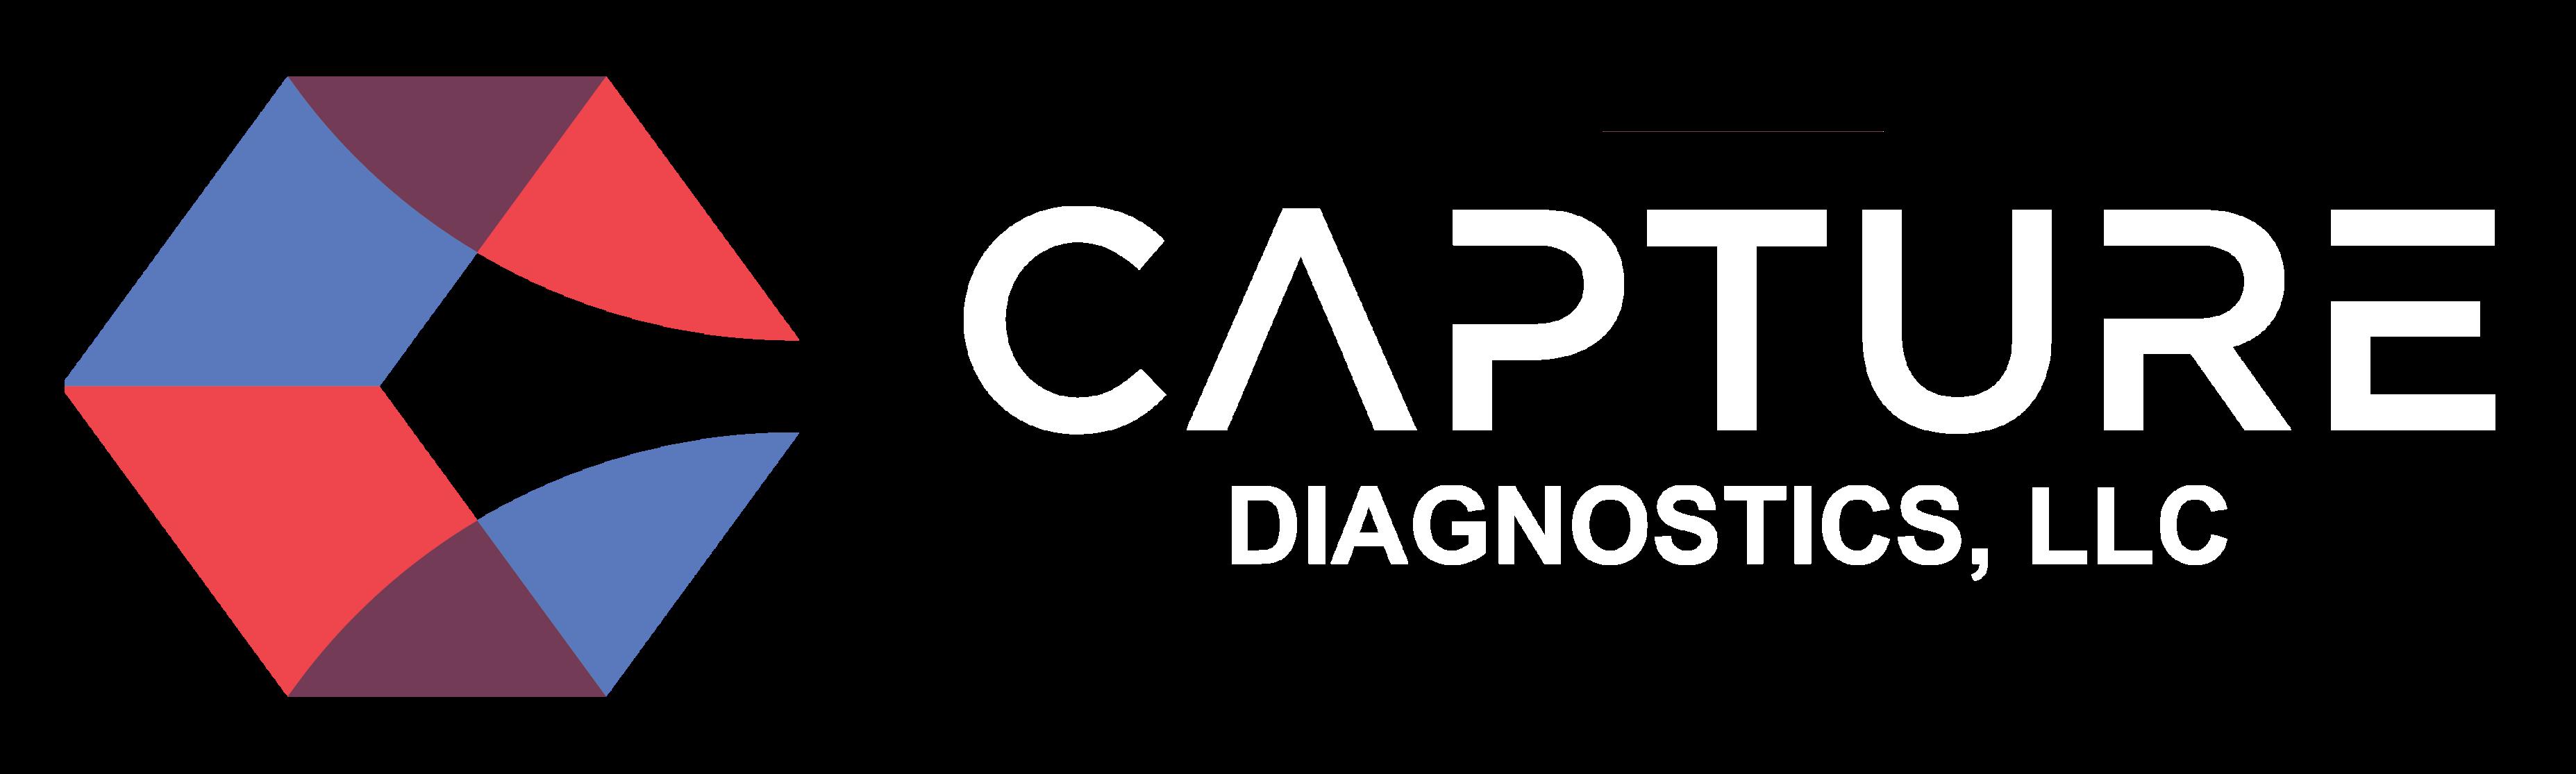 Capture Diagnostics